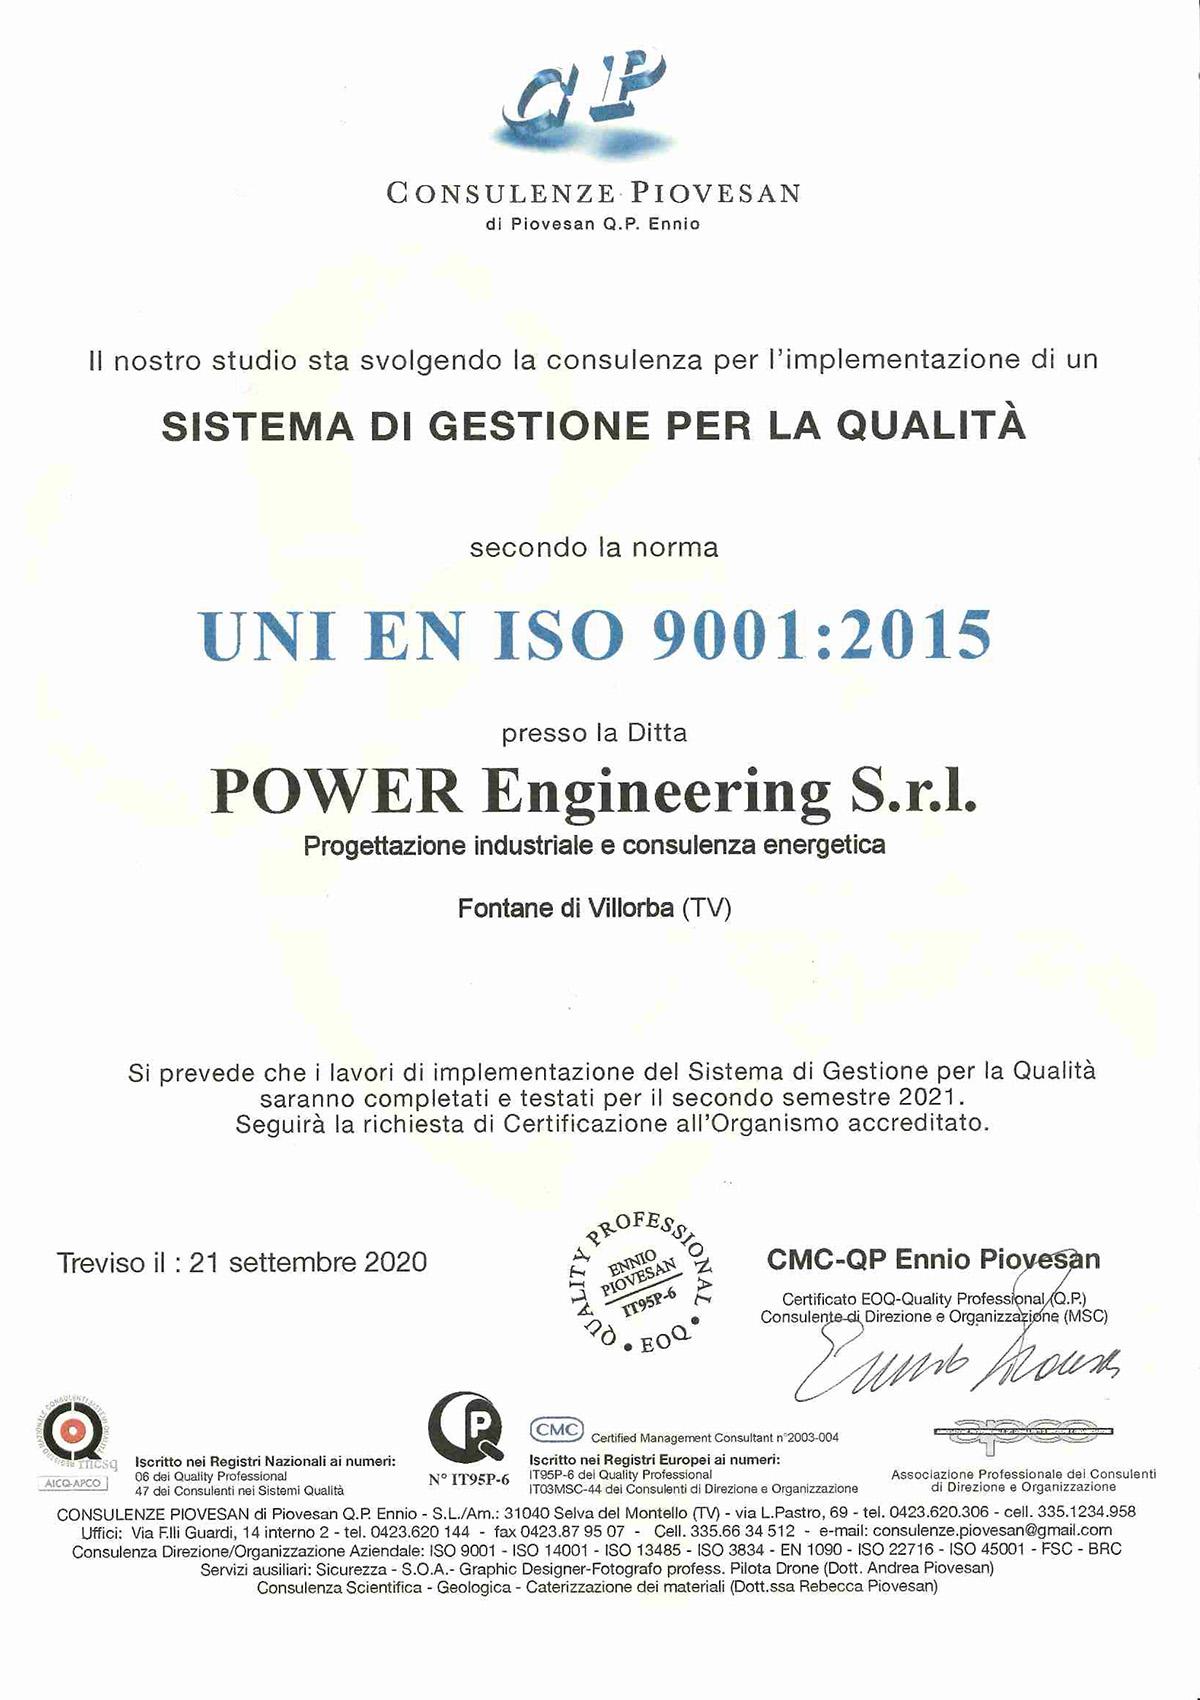 Attestato Poweren implementazione Qualità UNI 9001:2015